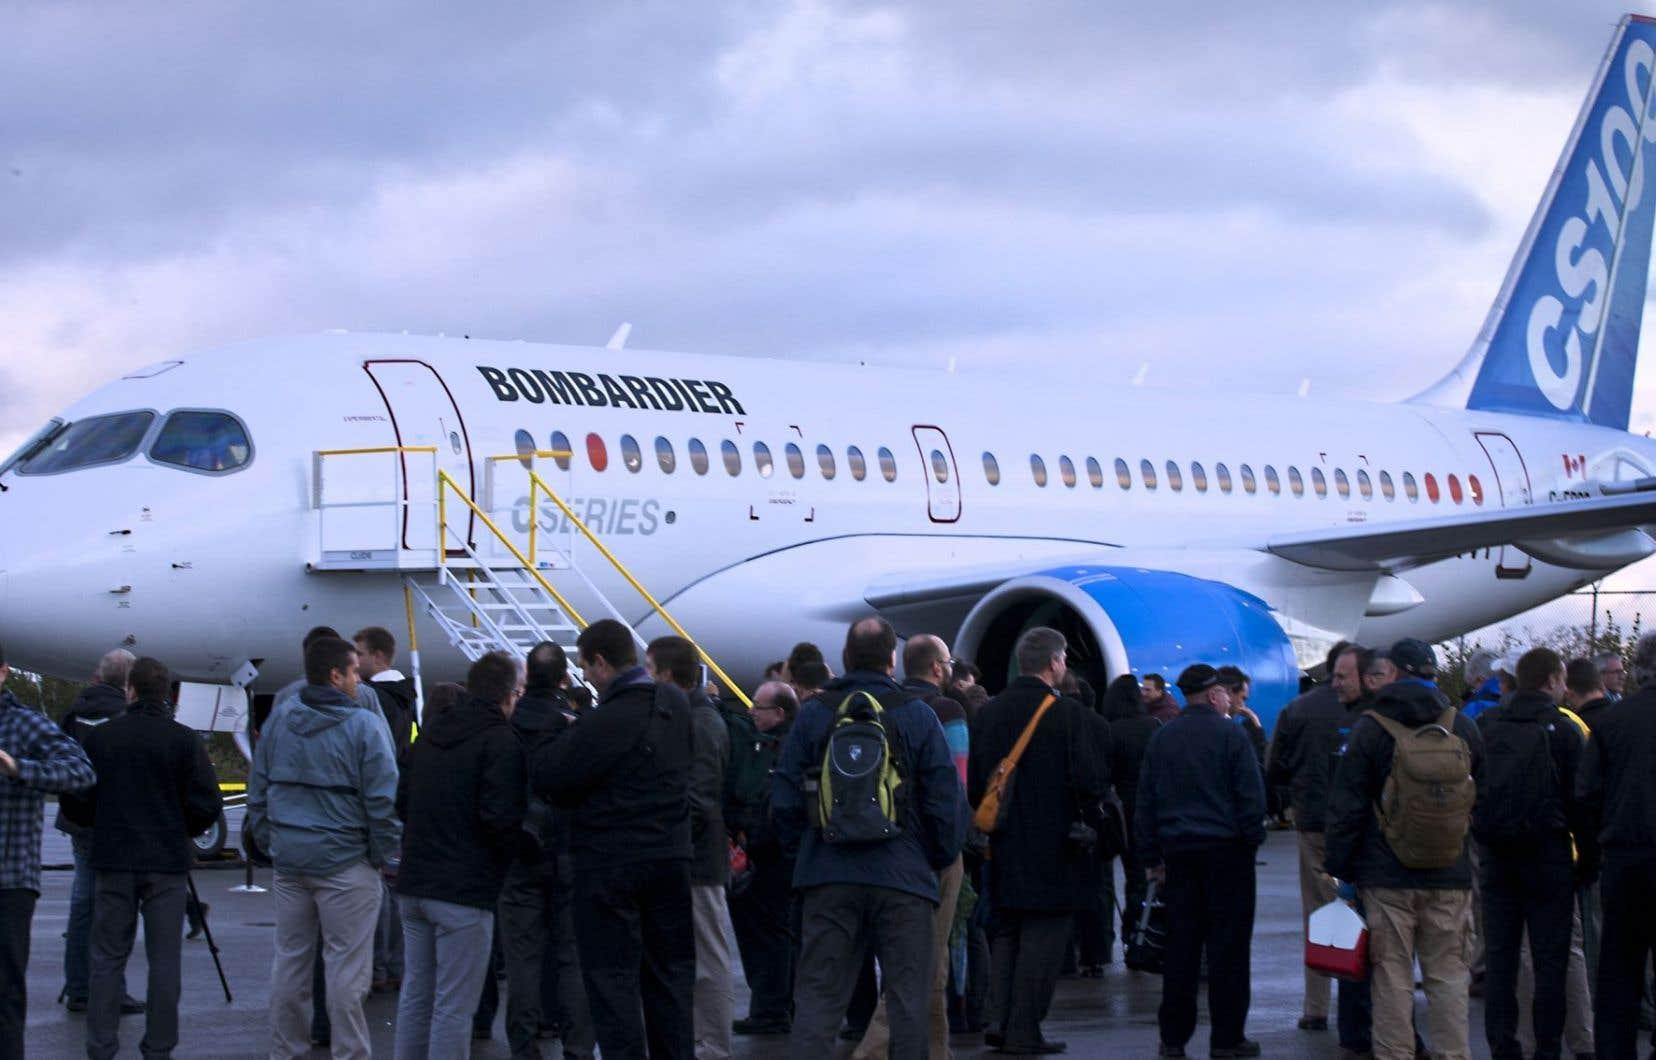 Selon des documents confidentiels divulgués par le Consortium international des journalistes d'investigation, Bombardier aurait transféré des centaines de millions de dollars au Luxembourg.